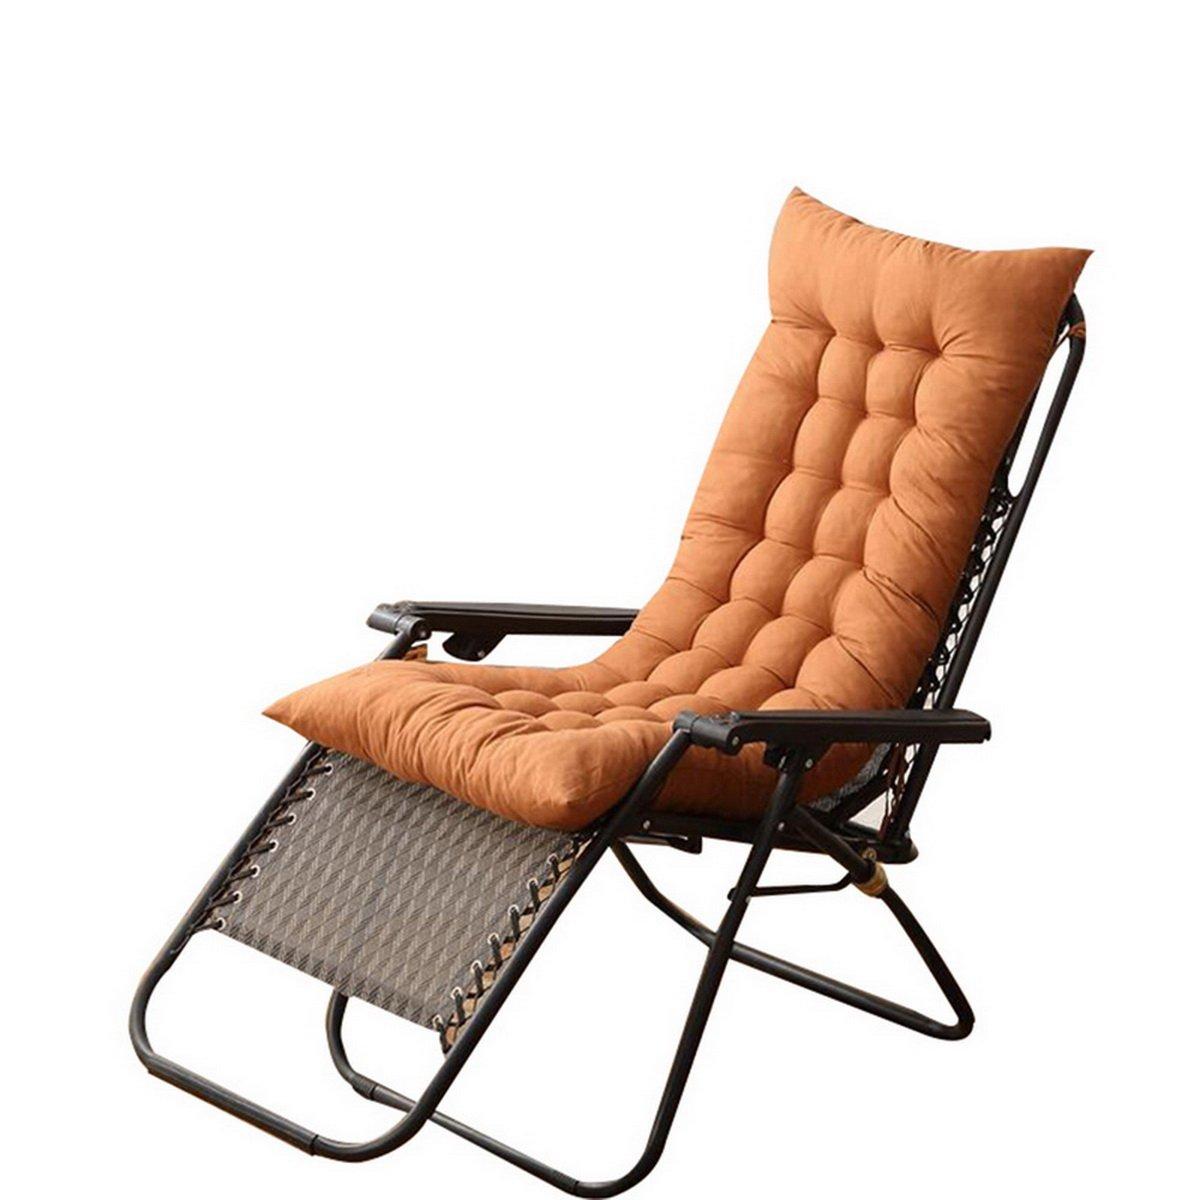 618AgzzsCjL. SL1200  Résultat Supérieur 15 Beau Fauteuils De Jardin Und Chaise Amazon Pour Deco Chambre Photos 2018 Hzt6